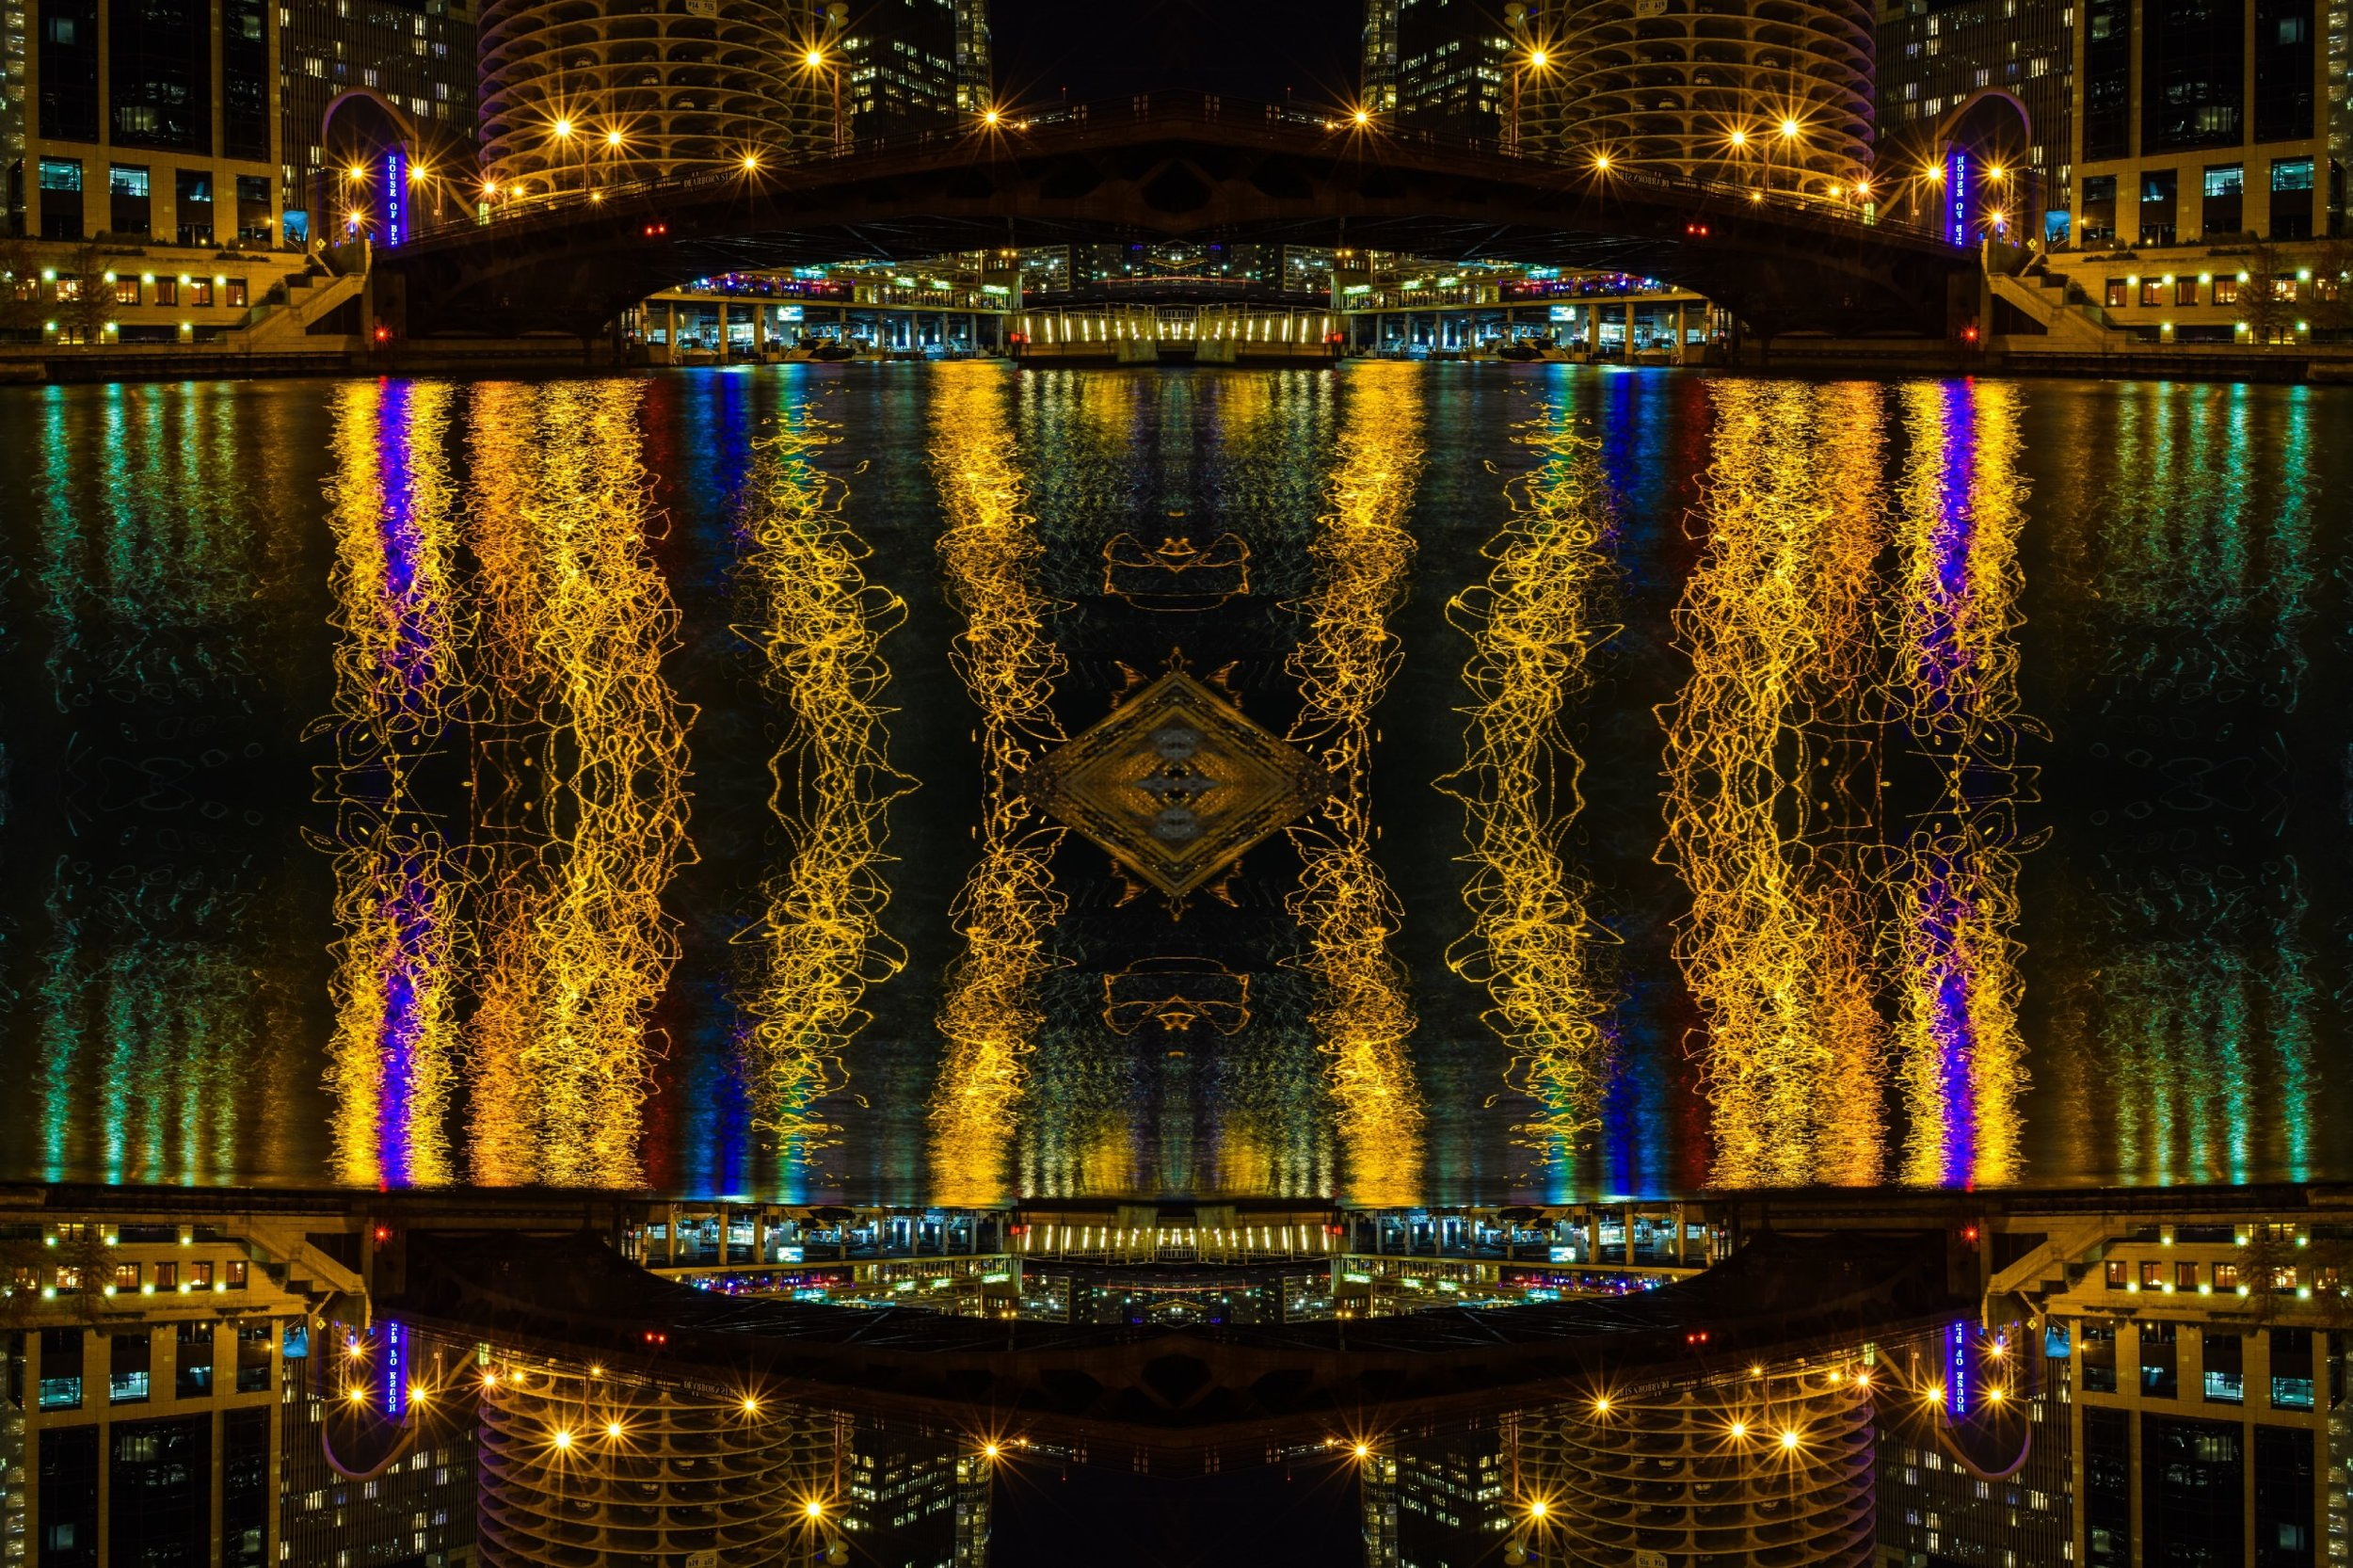 697_mirror2.jpg